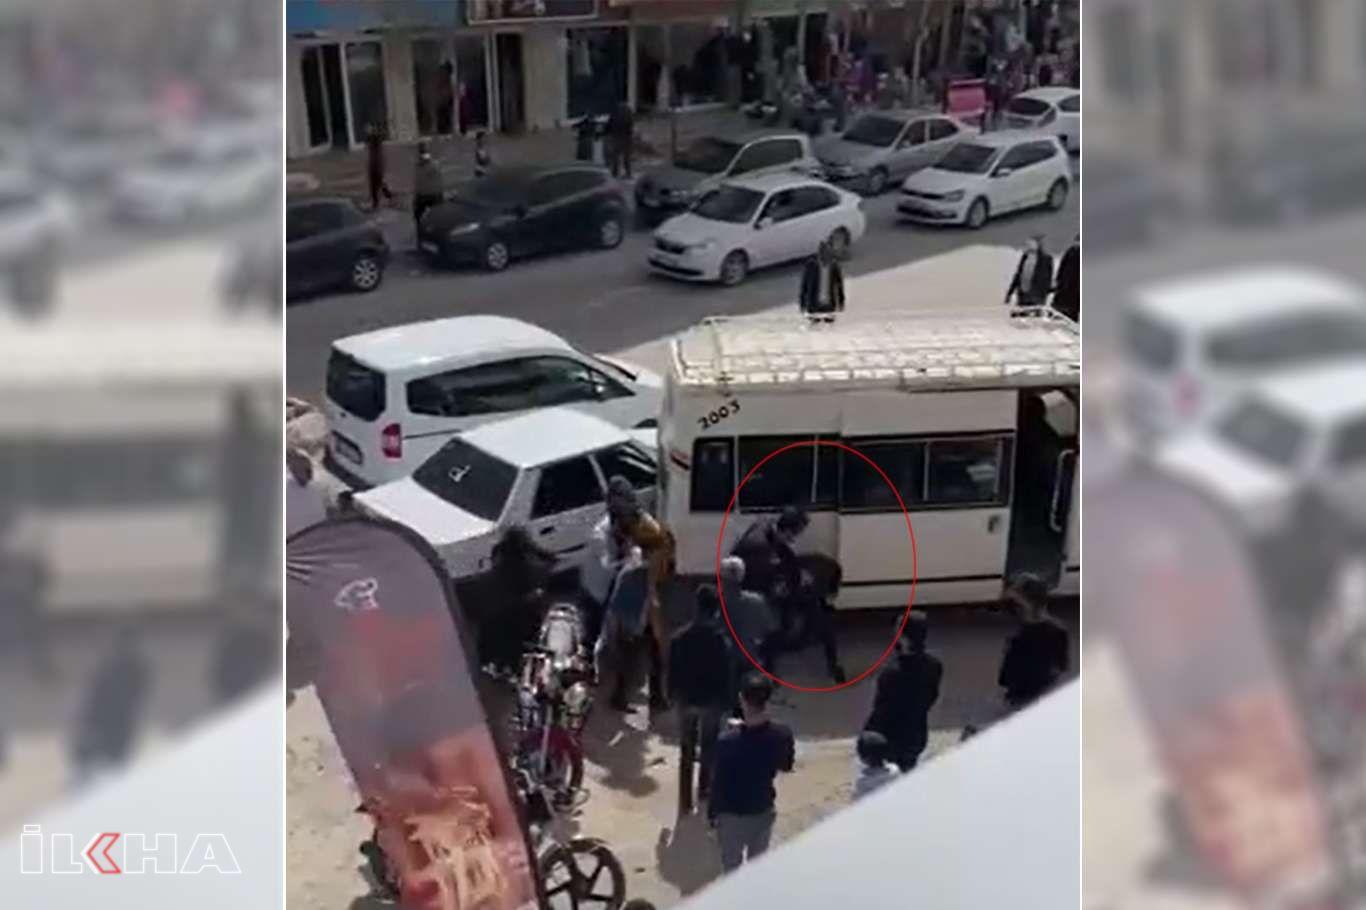 Polisin trafikte tartıştığı kişiyi ailesinin gözü önünde darp ettiği iddia edildi